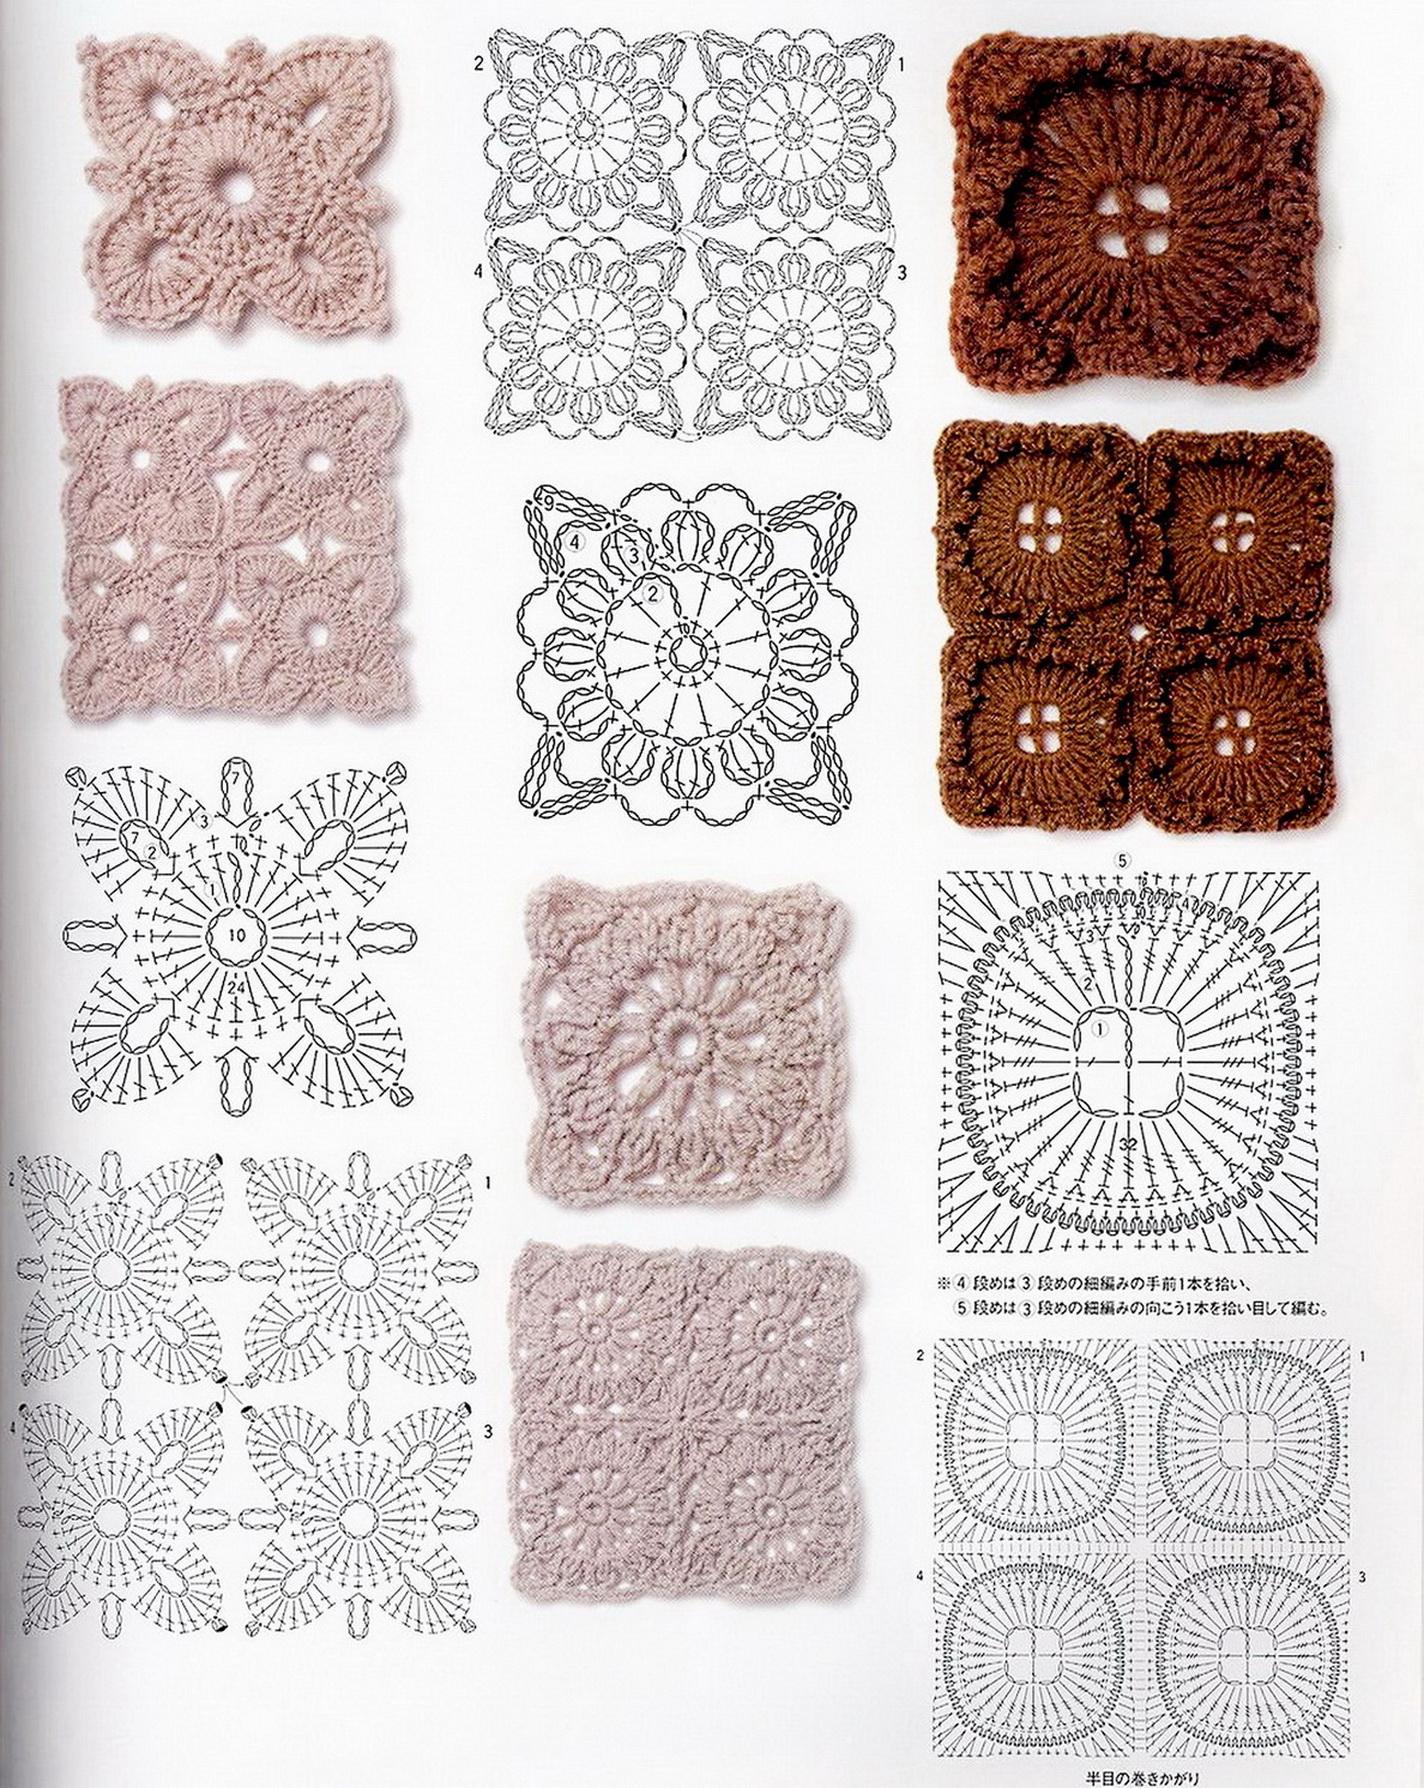 пинетки кеды спицами схема вязания.  Квадратные мотивы крючком - Самое интересное в блогах.